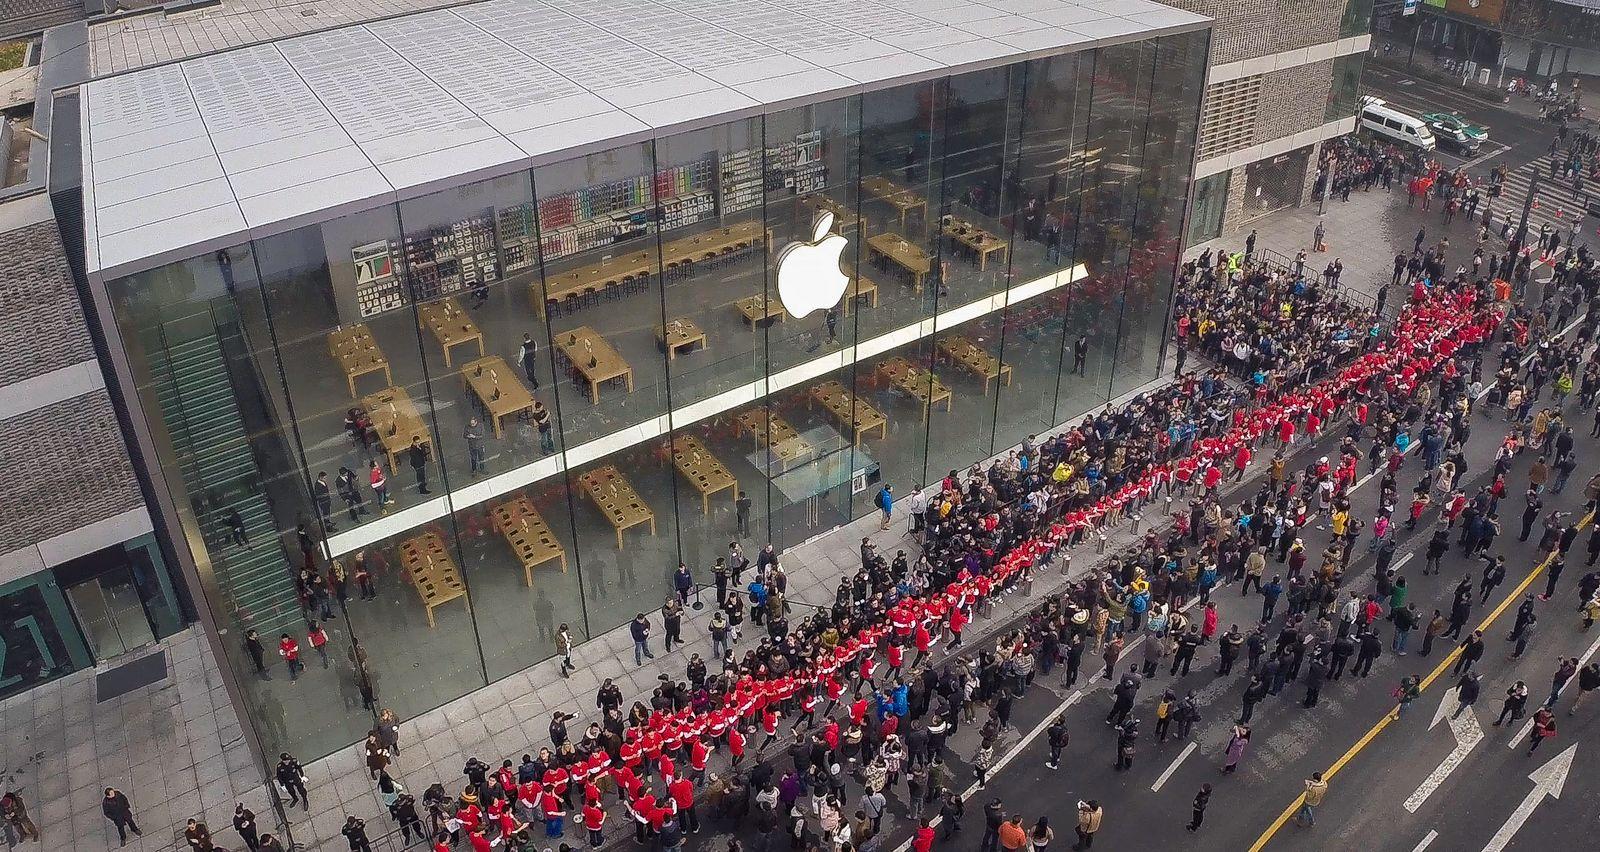 NICHT MEHR VERWENDEN! - Hangzhou / Apple Store Eröffnung